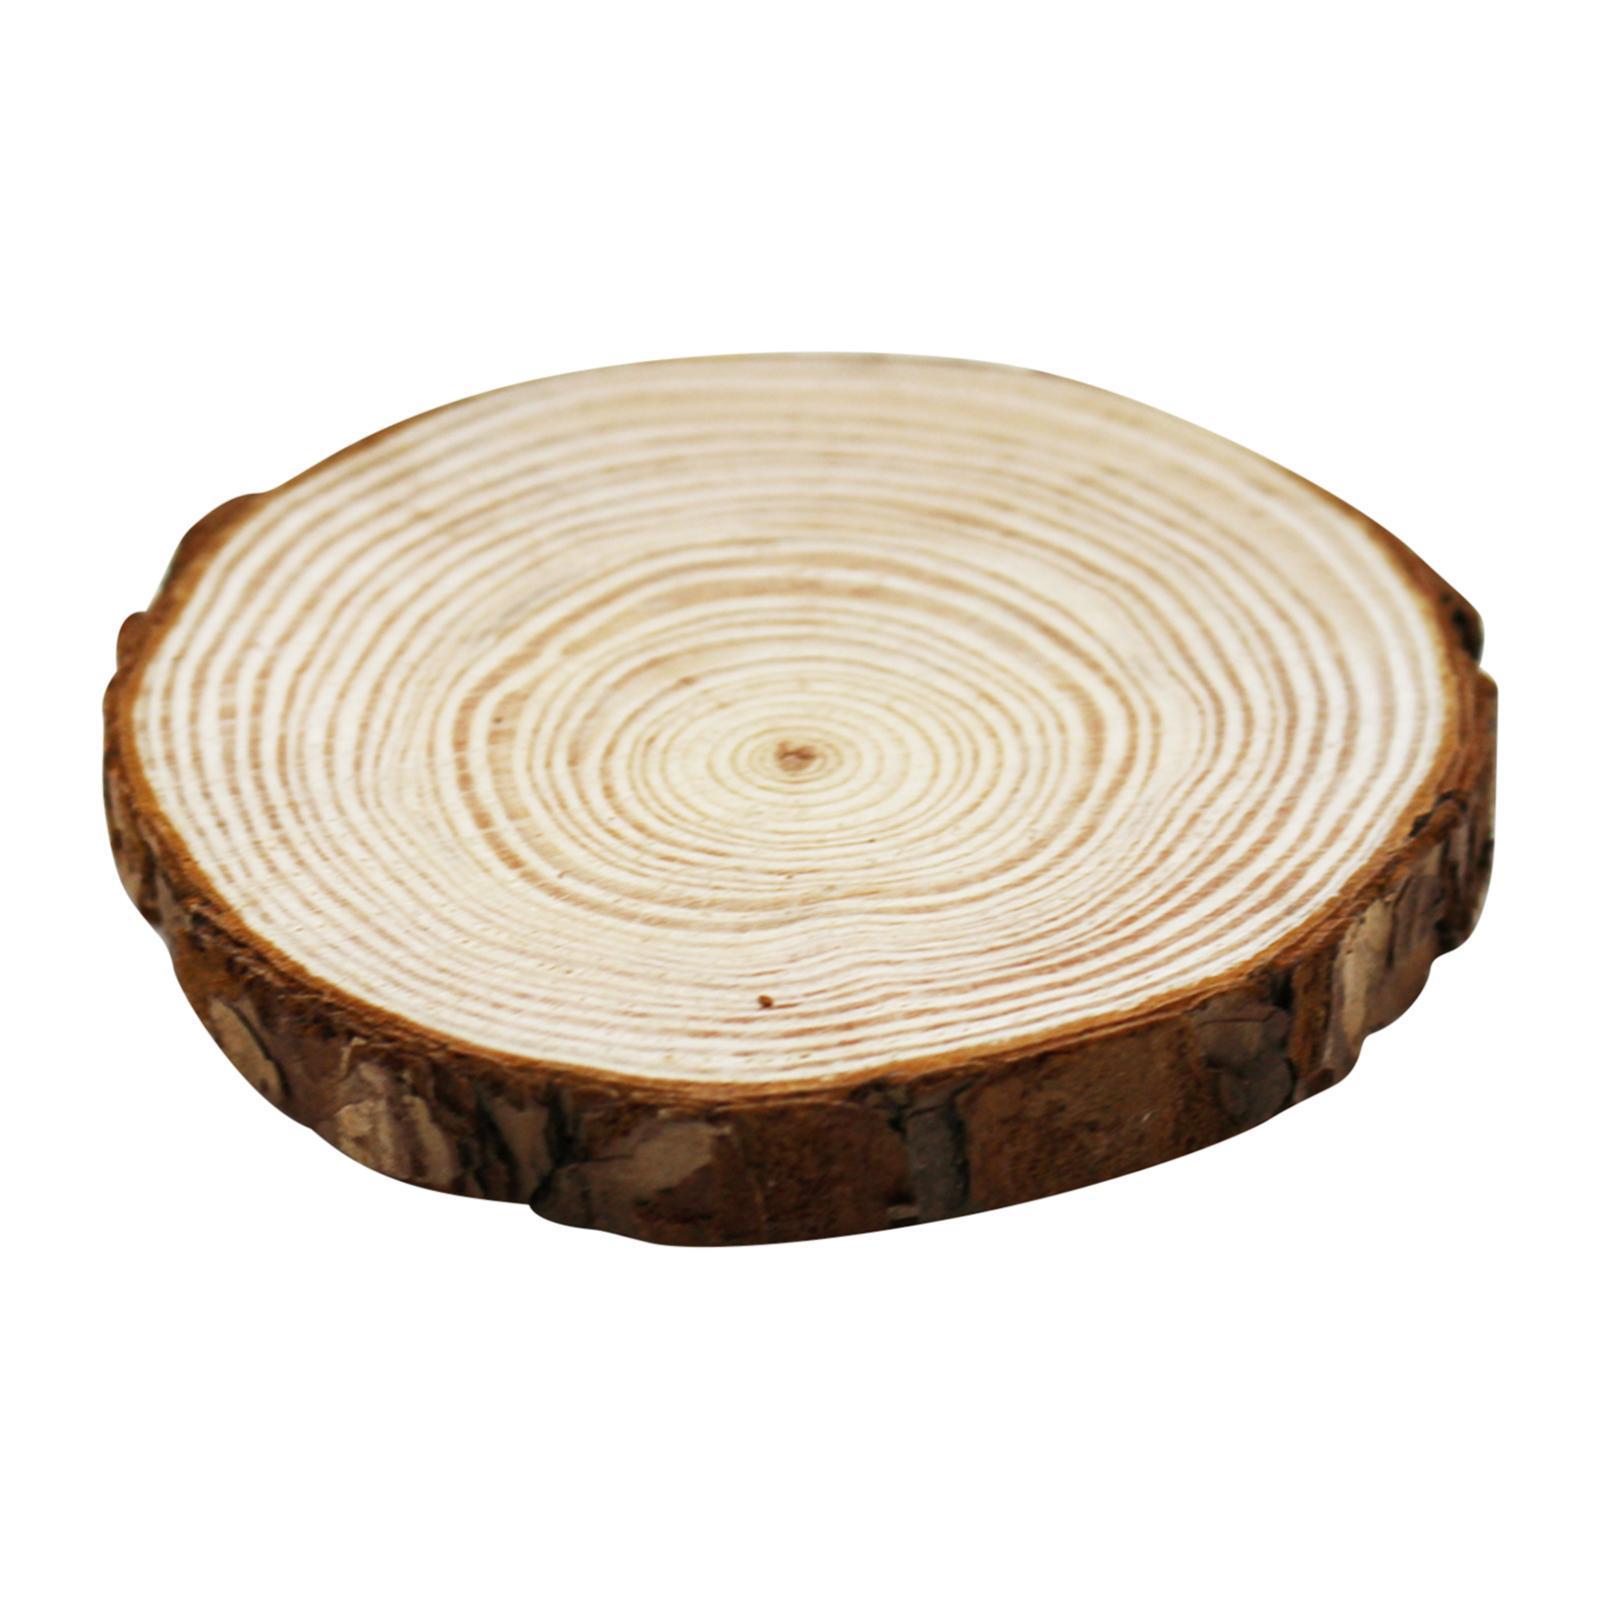 Bam.boo Tree Bark Coaster